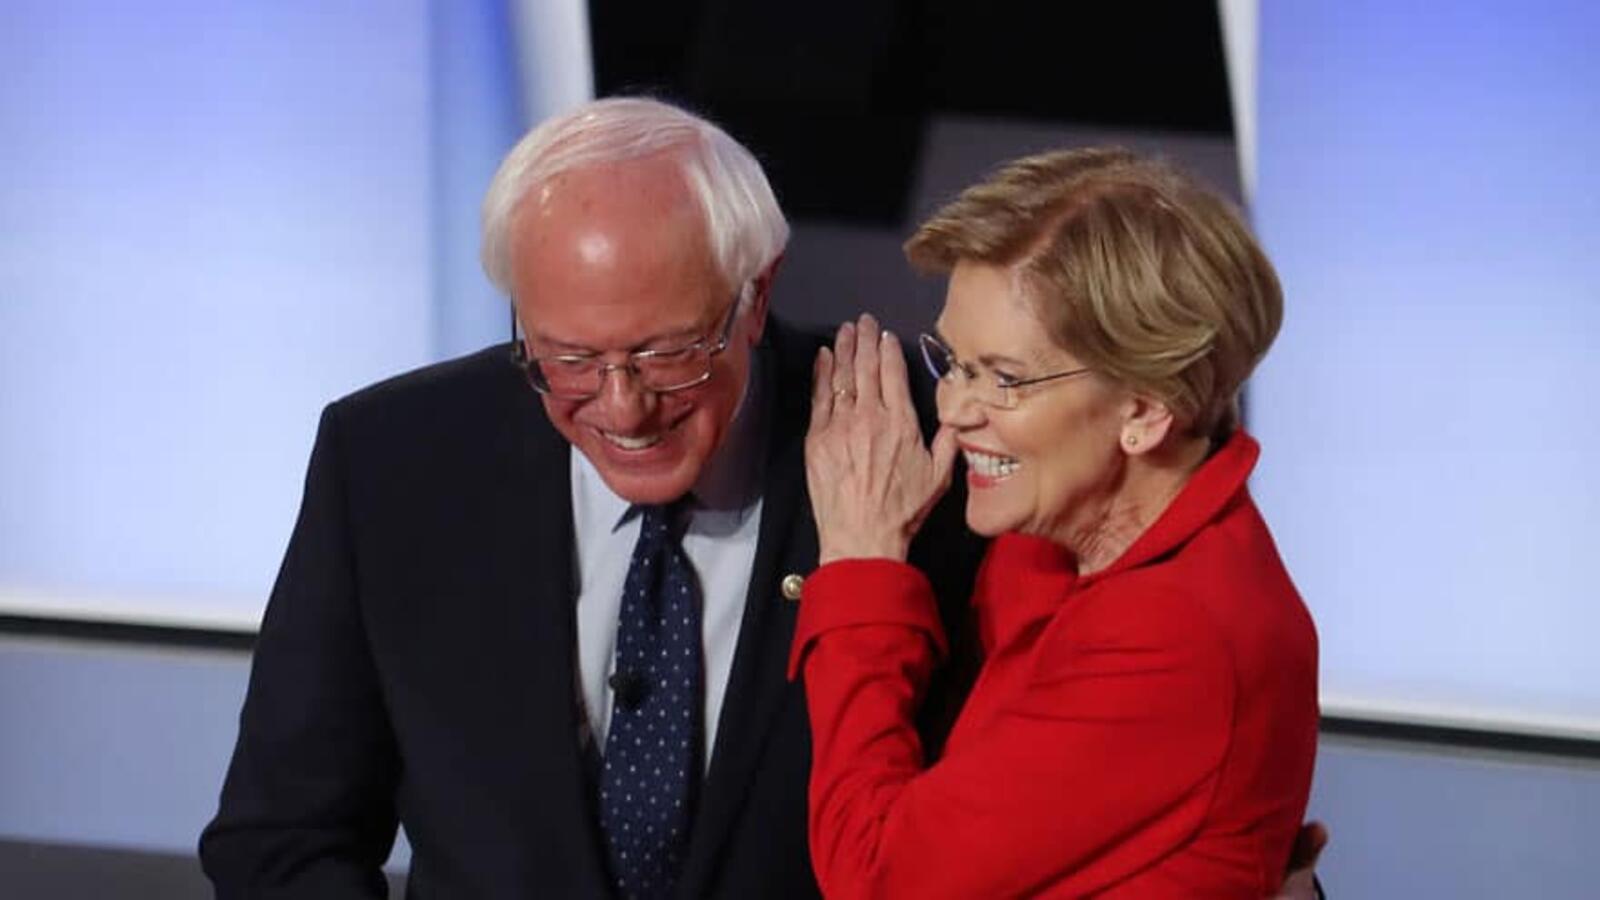 DEM CIVIL WAR: Sanders, Warren Rebuke Sinema for Protecting the Filibuster